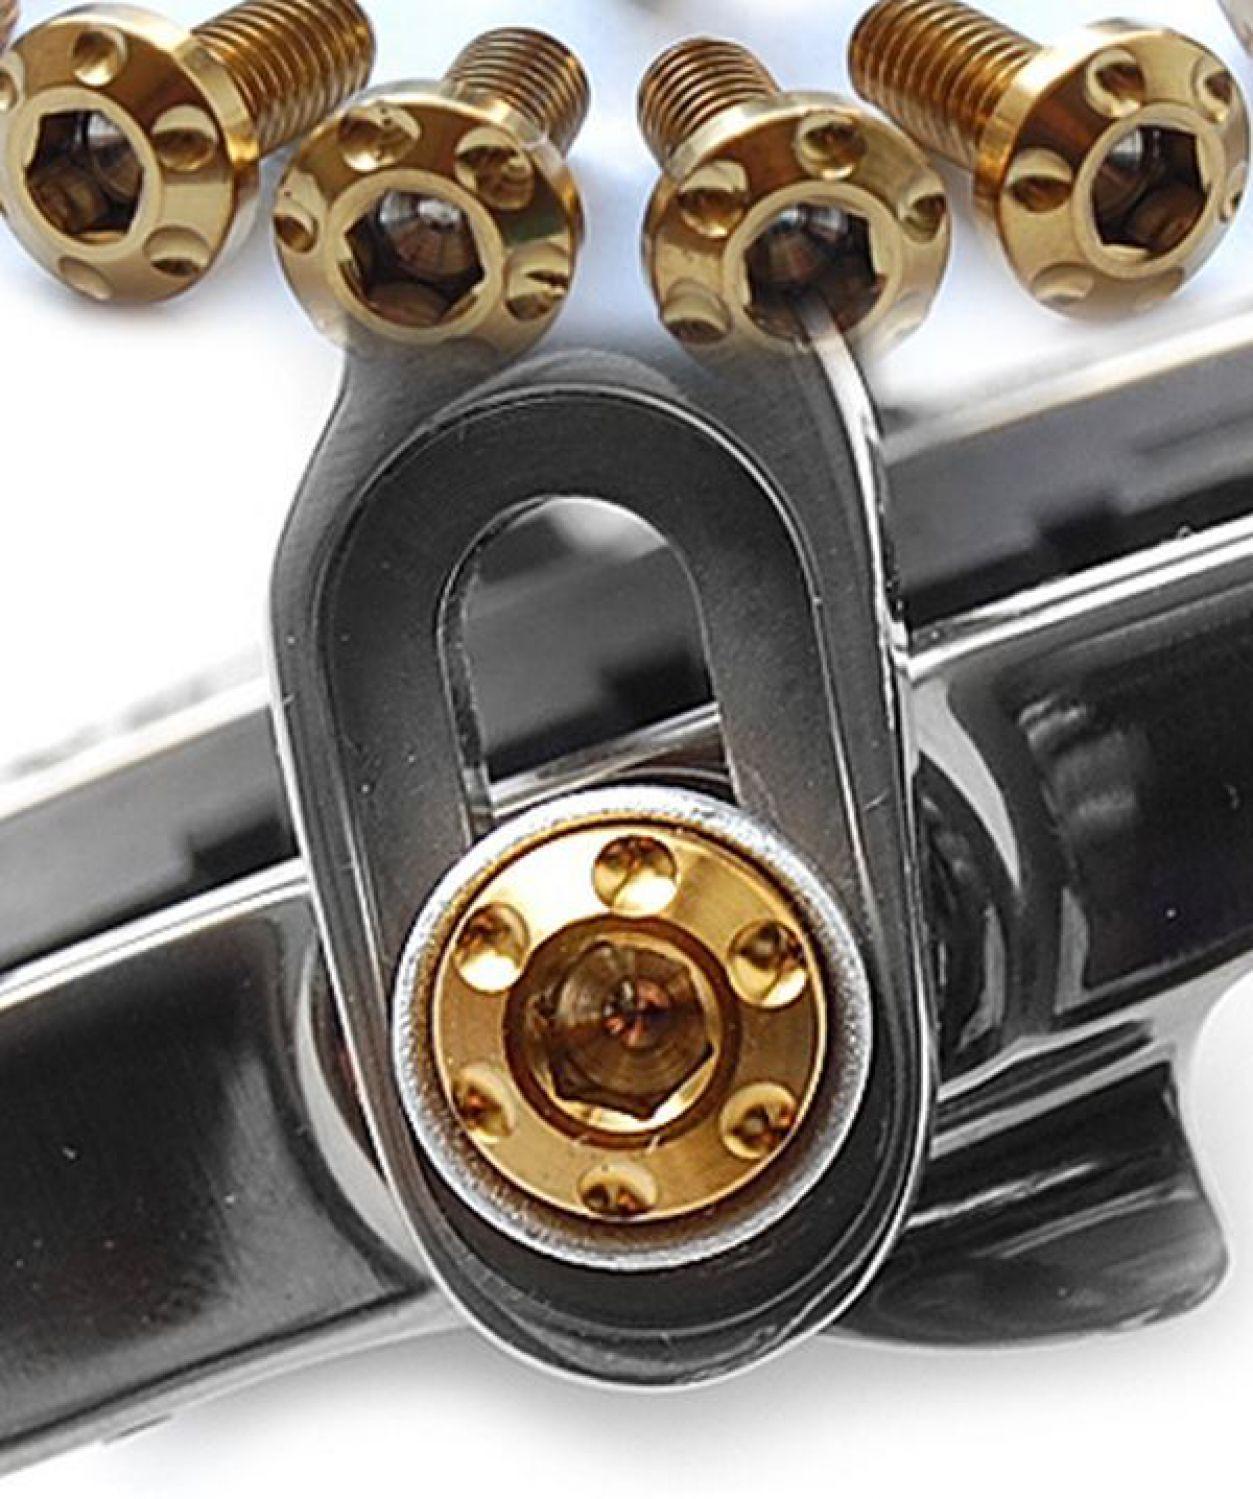 Accuracy International fucili di precisione pistole//ARMI DA FUOCO Vera Pelle Portachiavi